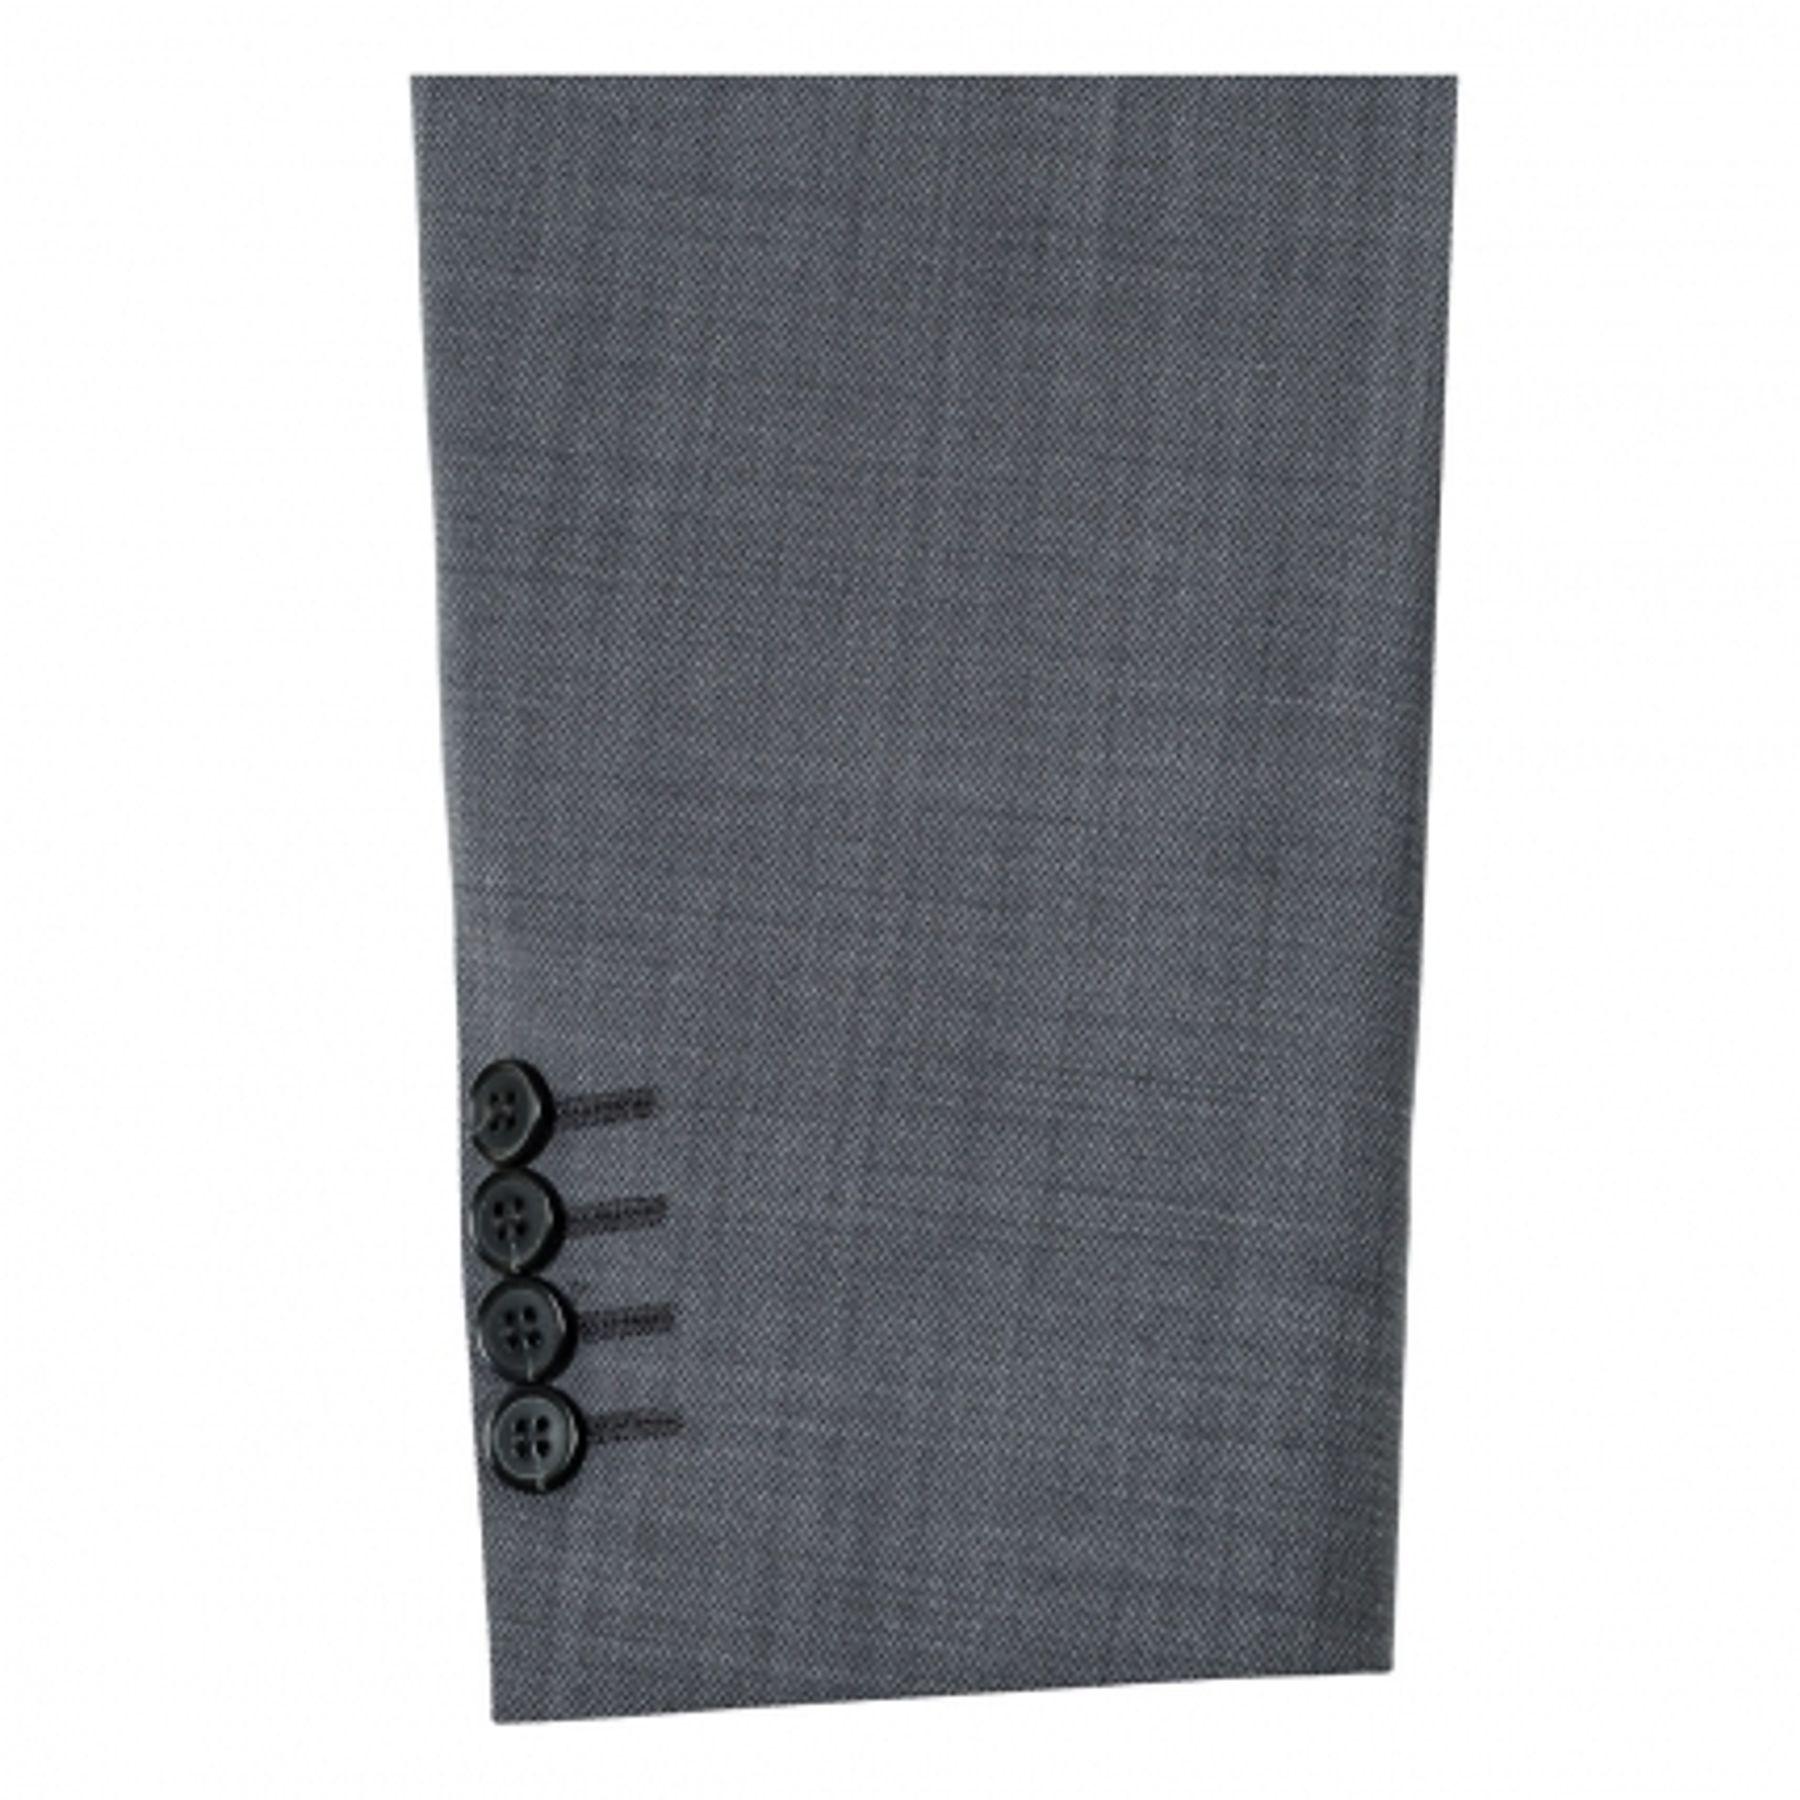 Abiball Anzug - Benvenuto Purple - Slim Fit - Junger Trend-Anzug mit sehr schlankem Schnitt in Anthrazit, Adon/Tozzi (20776, Modell: 61350) – Bild 3